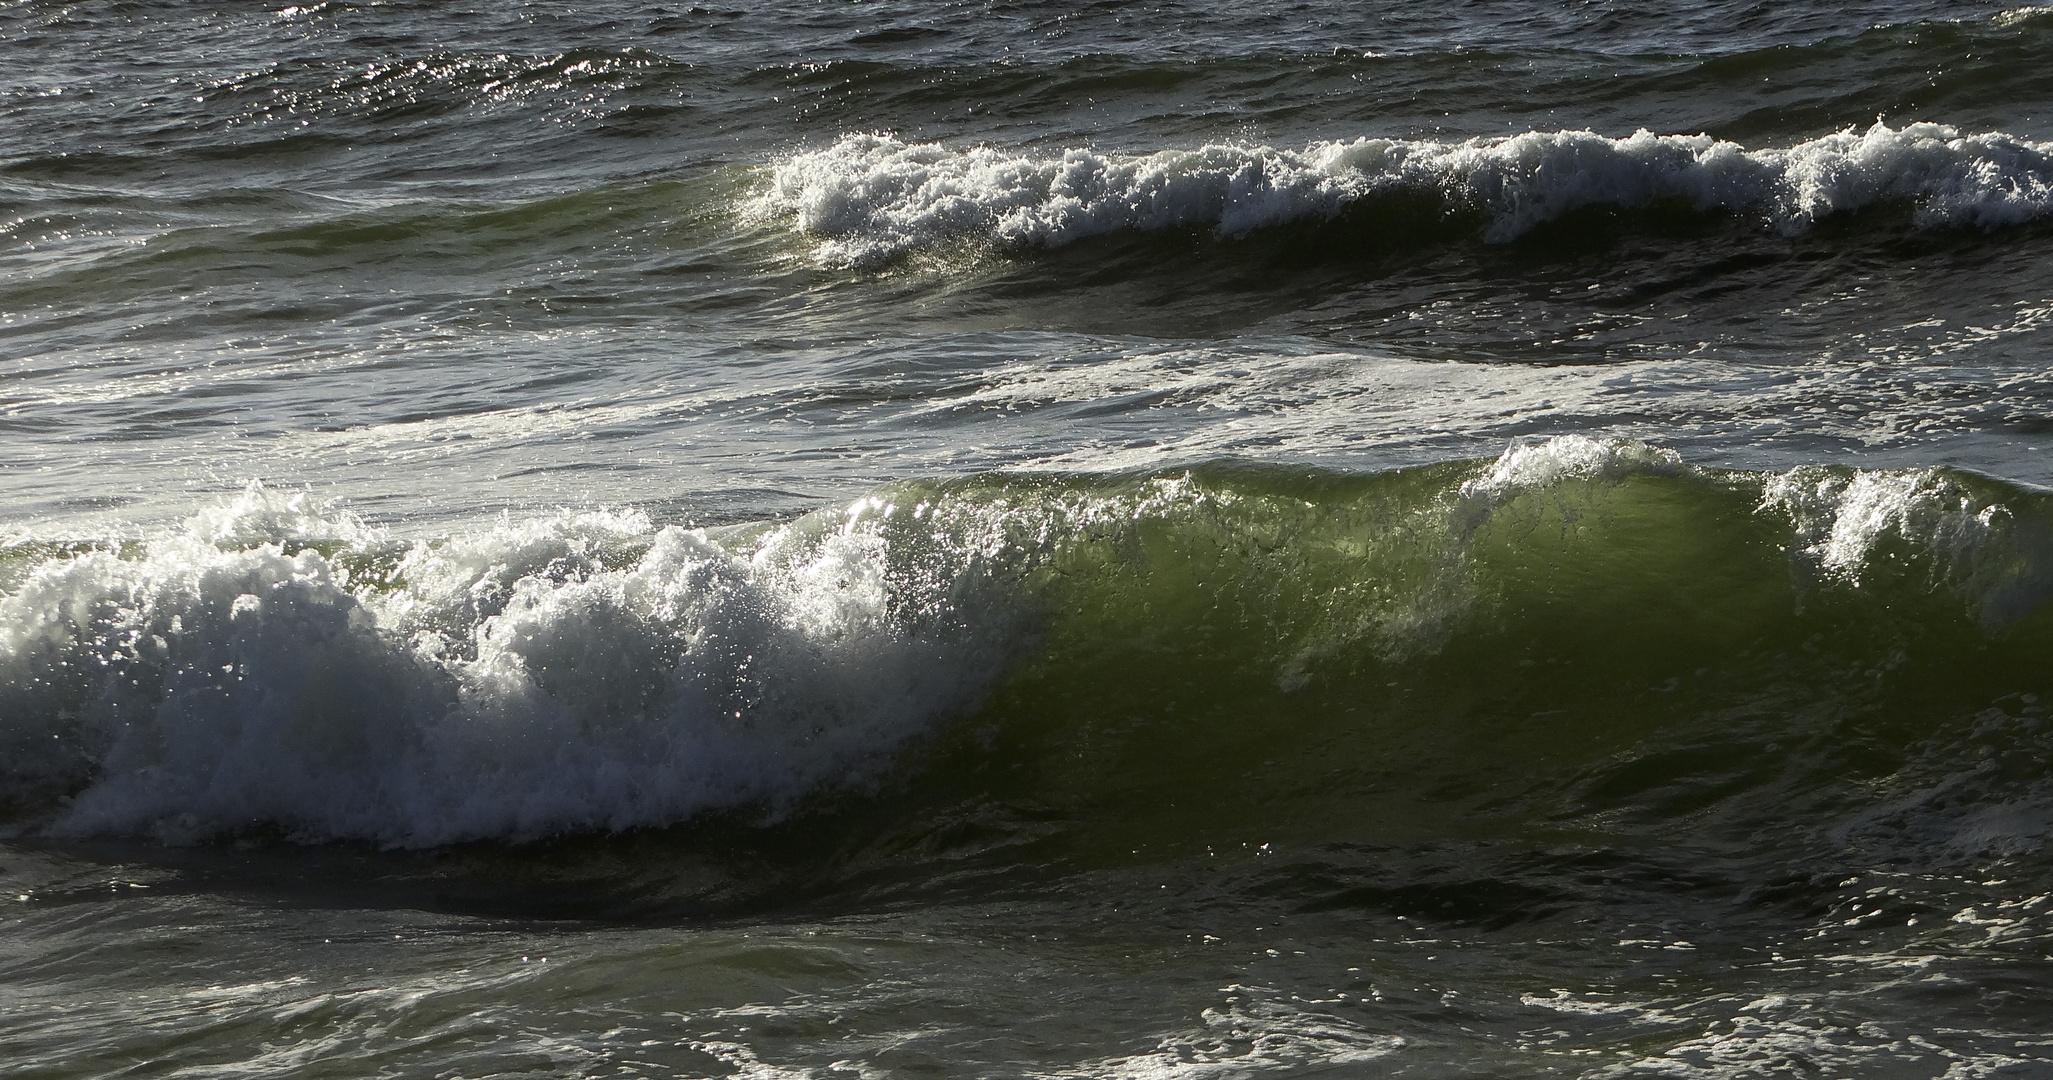 Flaschengrüne Wellen am Strand von Westerland